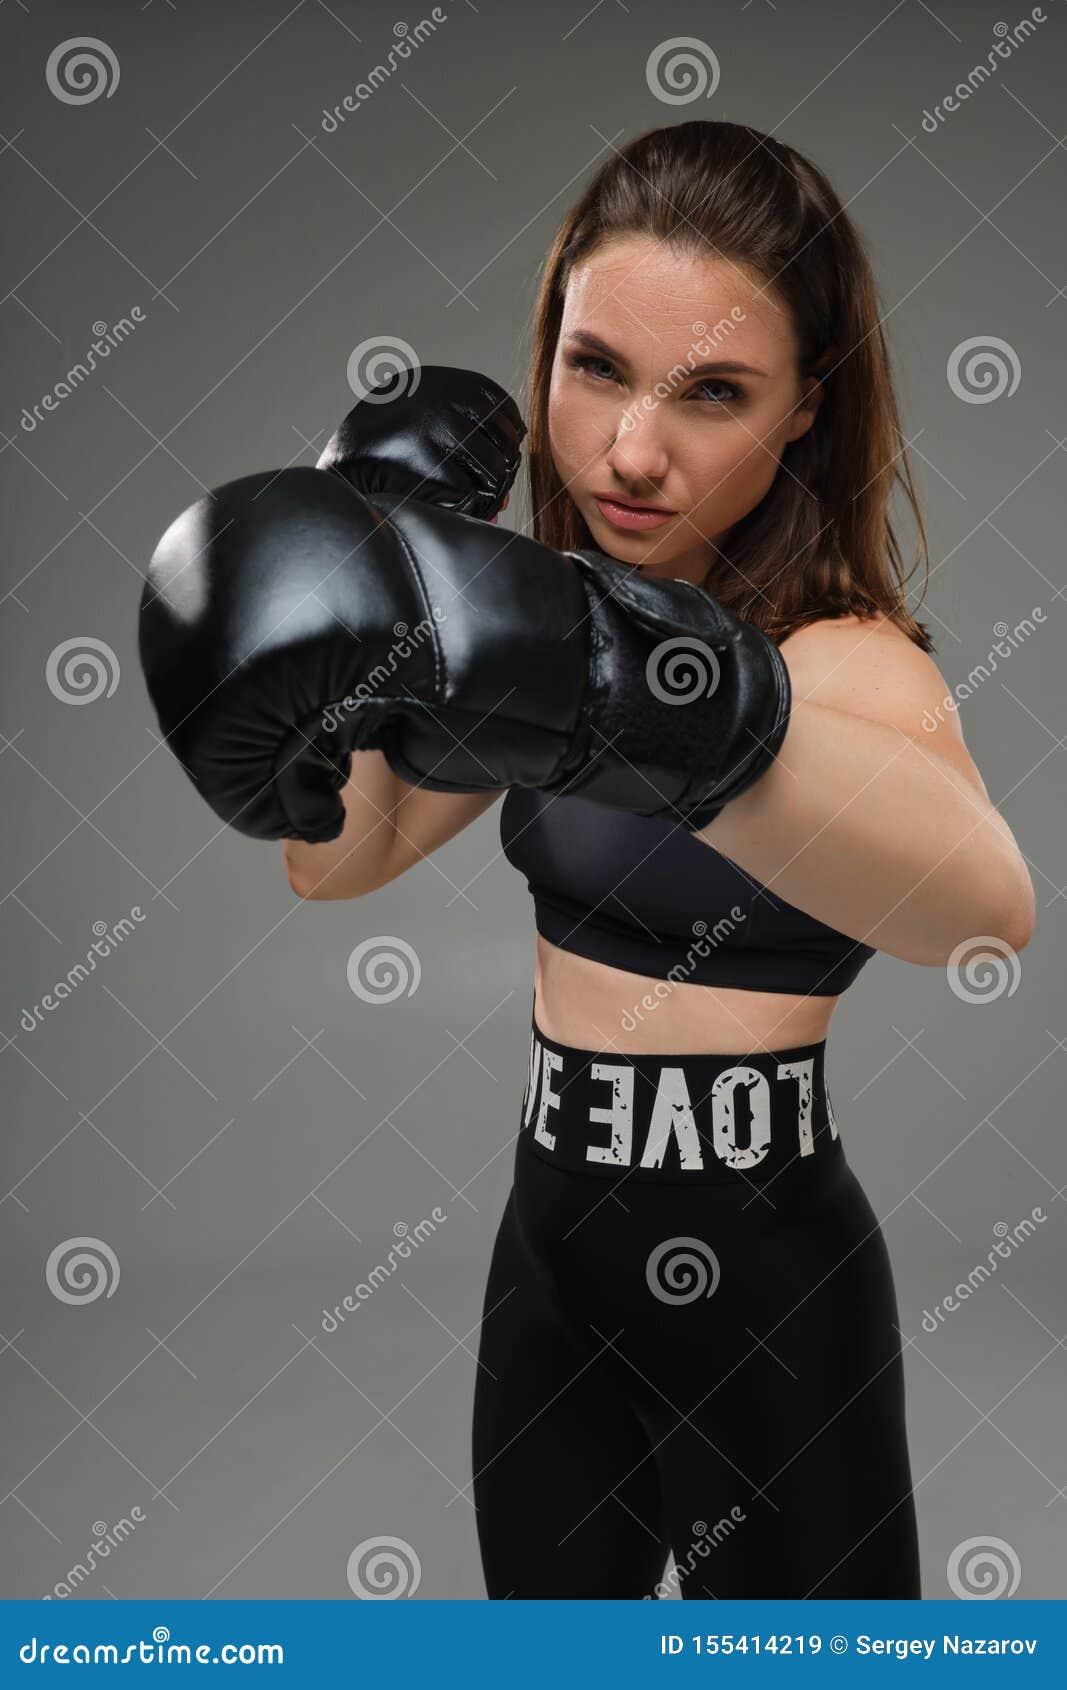 La mujer atlética en guantes de boxeo está practicando karate en estudio